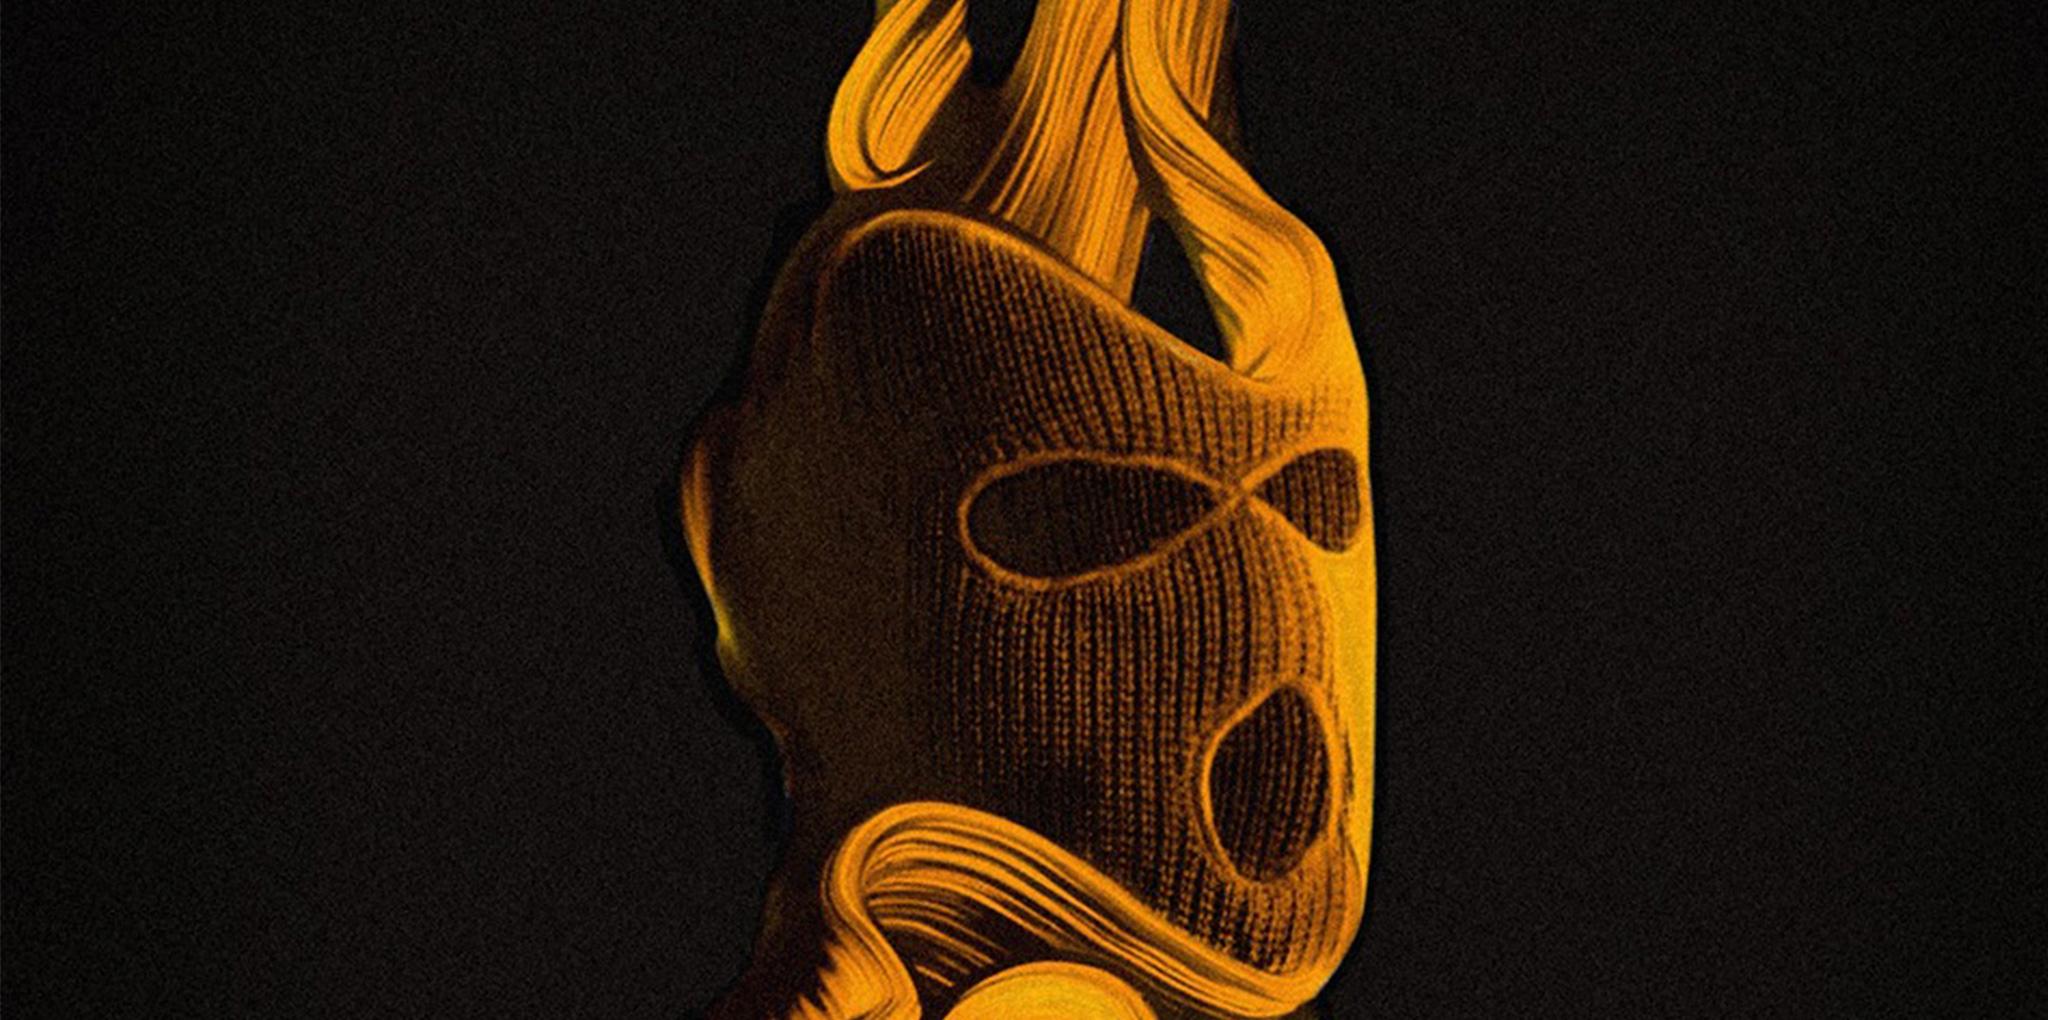 Malaa Image